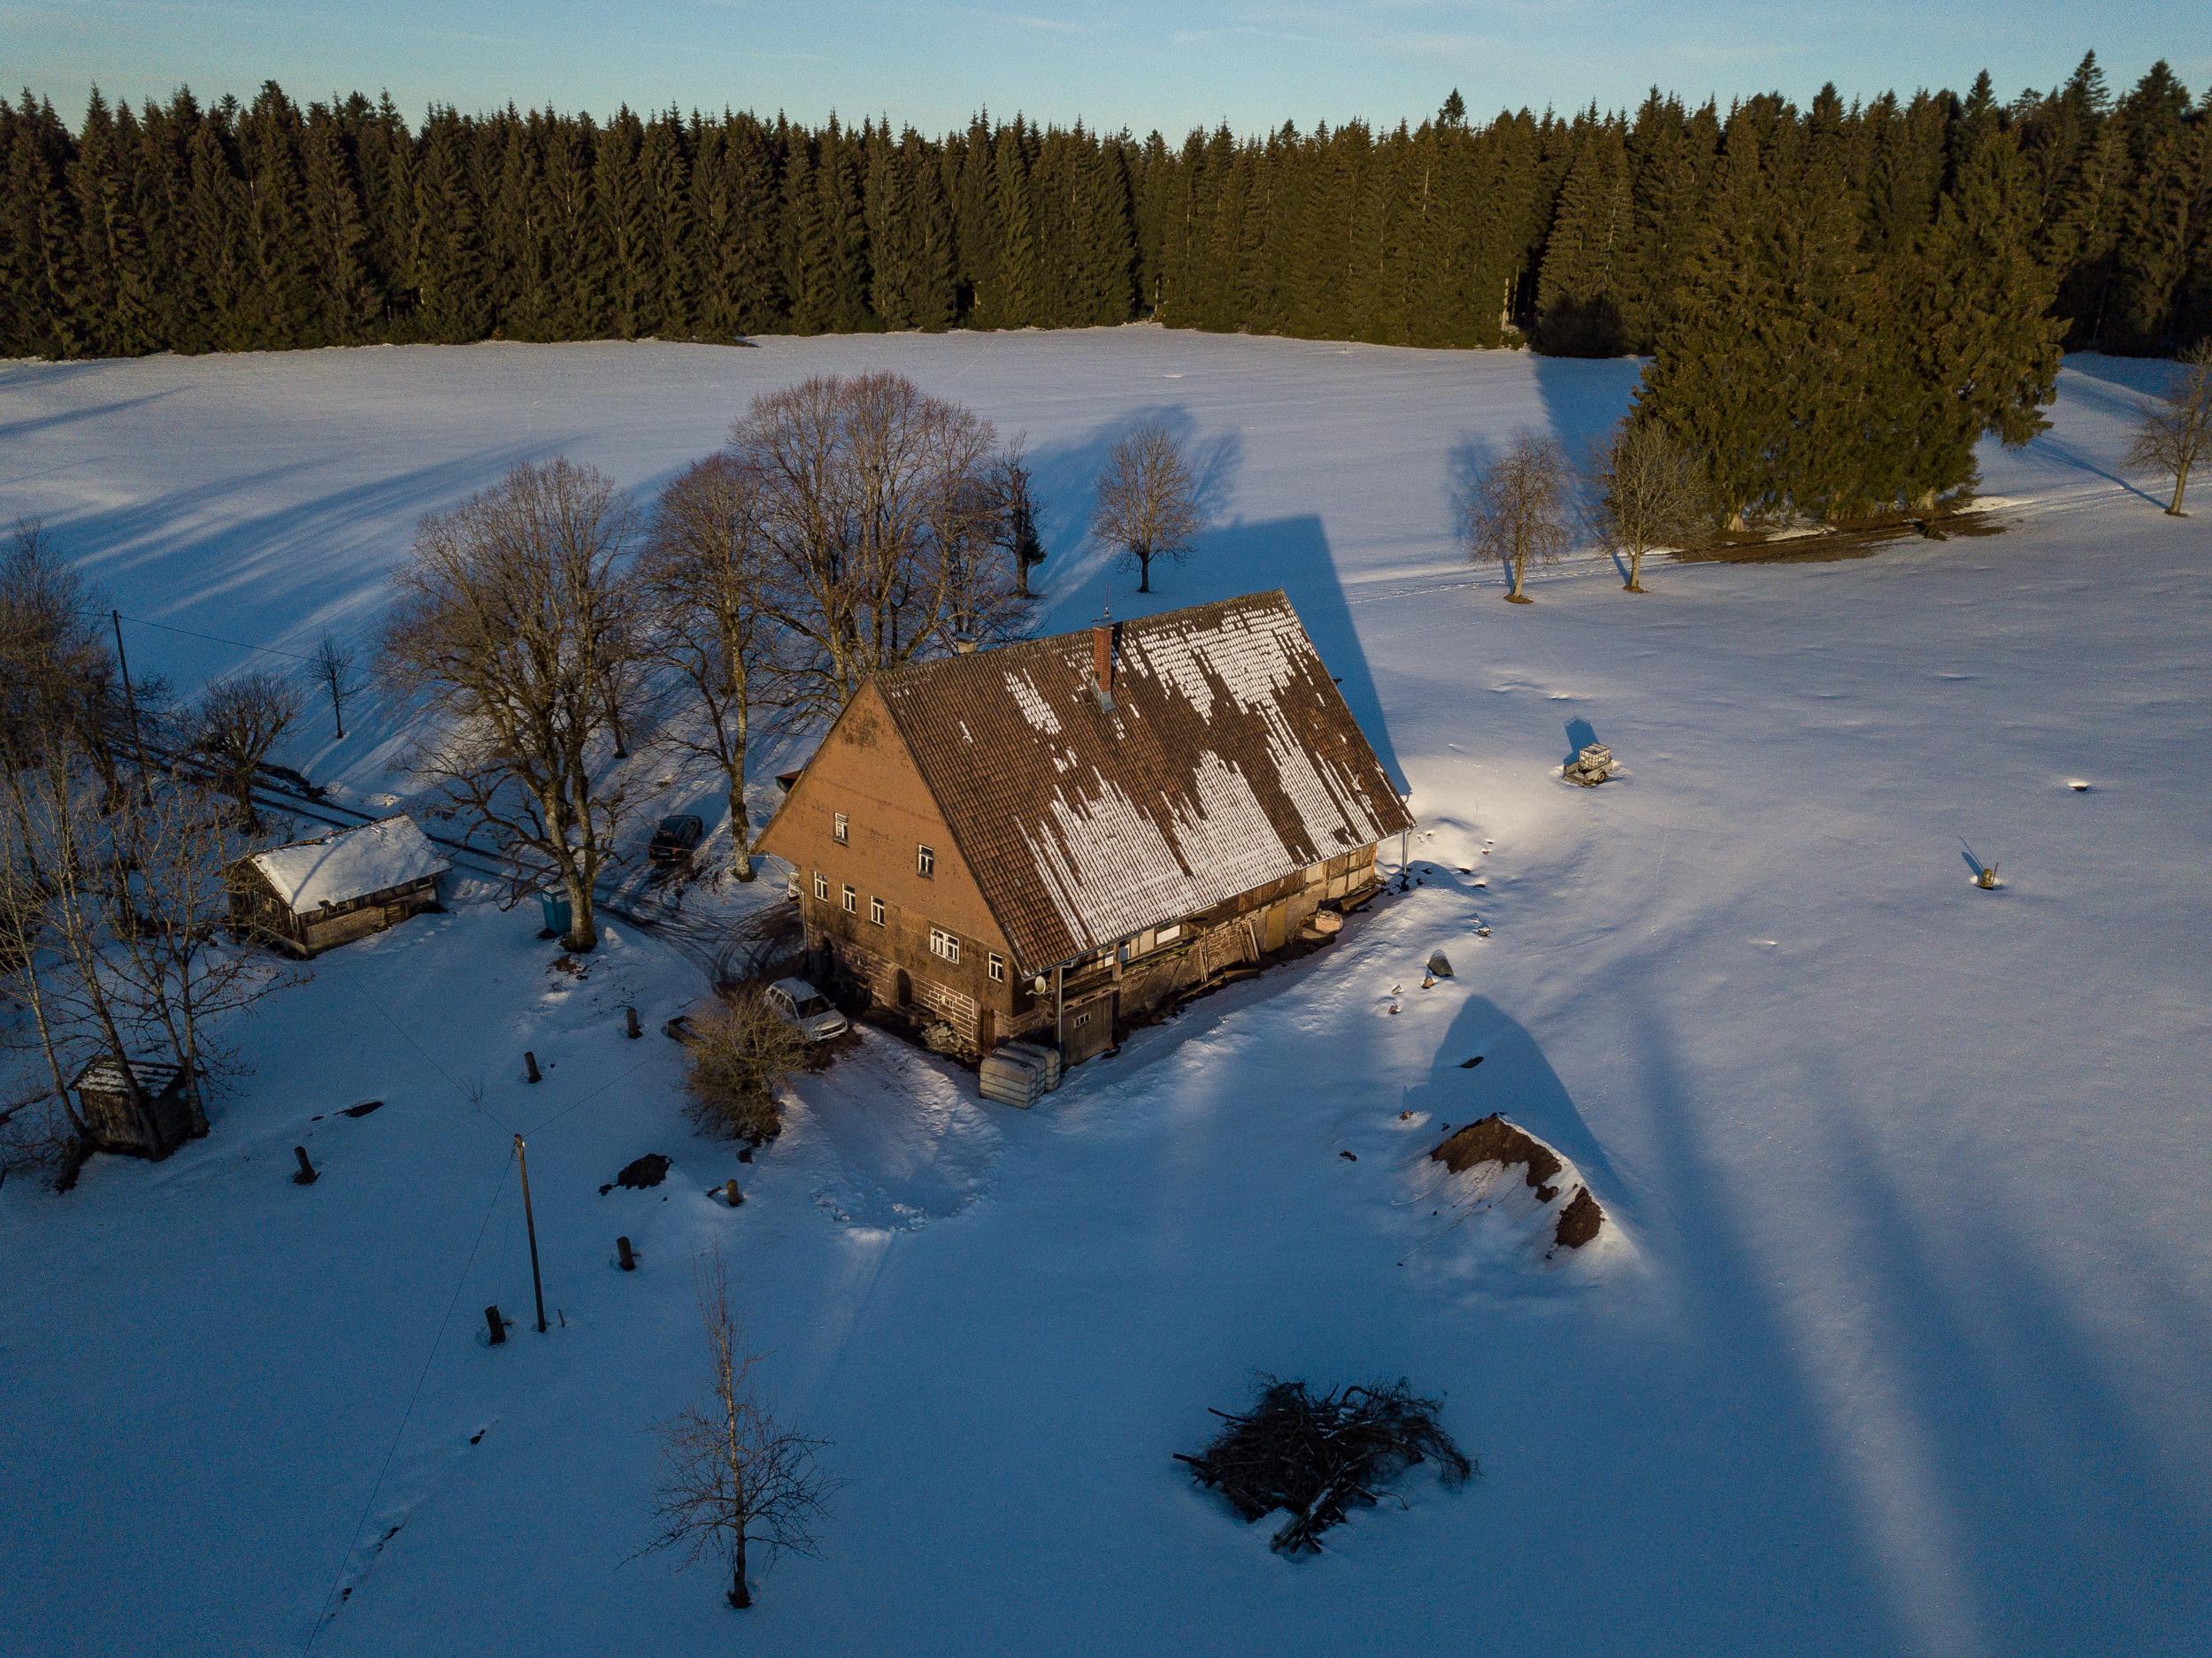 IngmarWein Explore BlackForest Rossberg 14022019 85 - Startseite